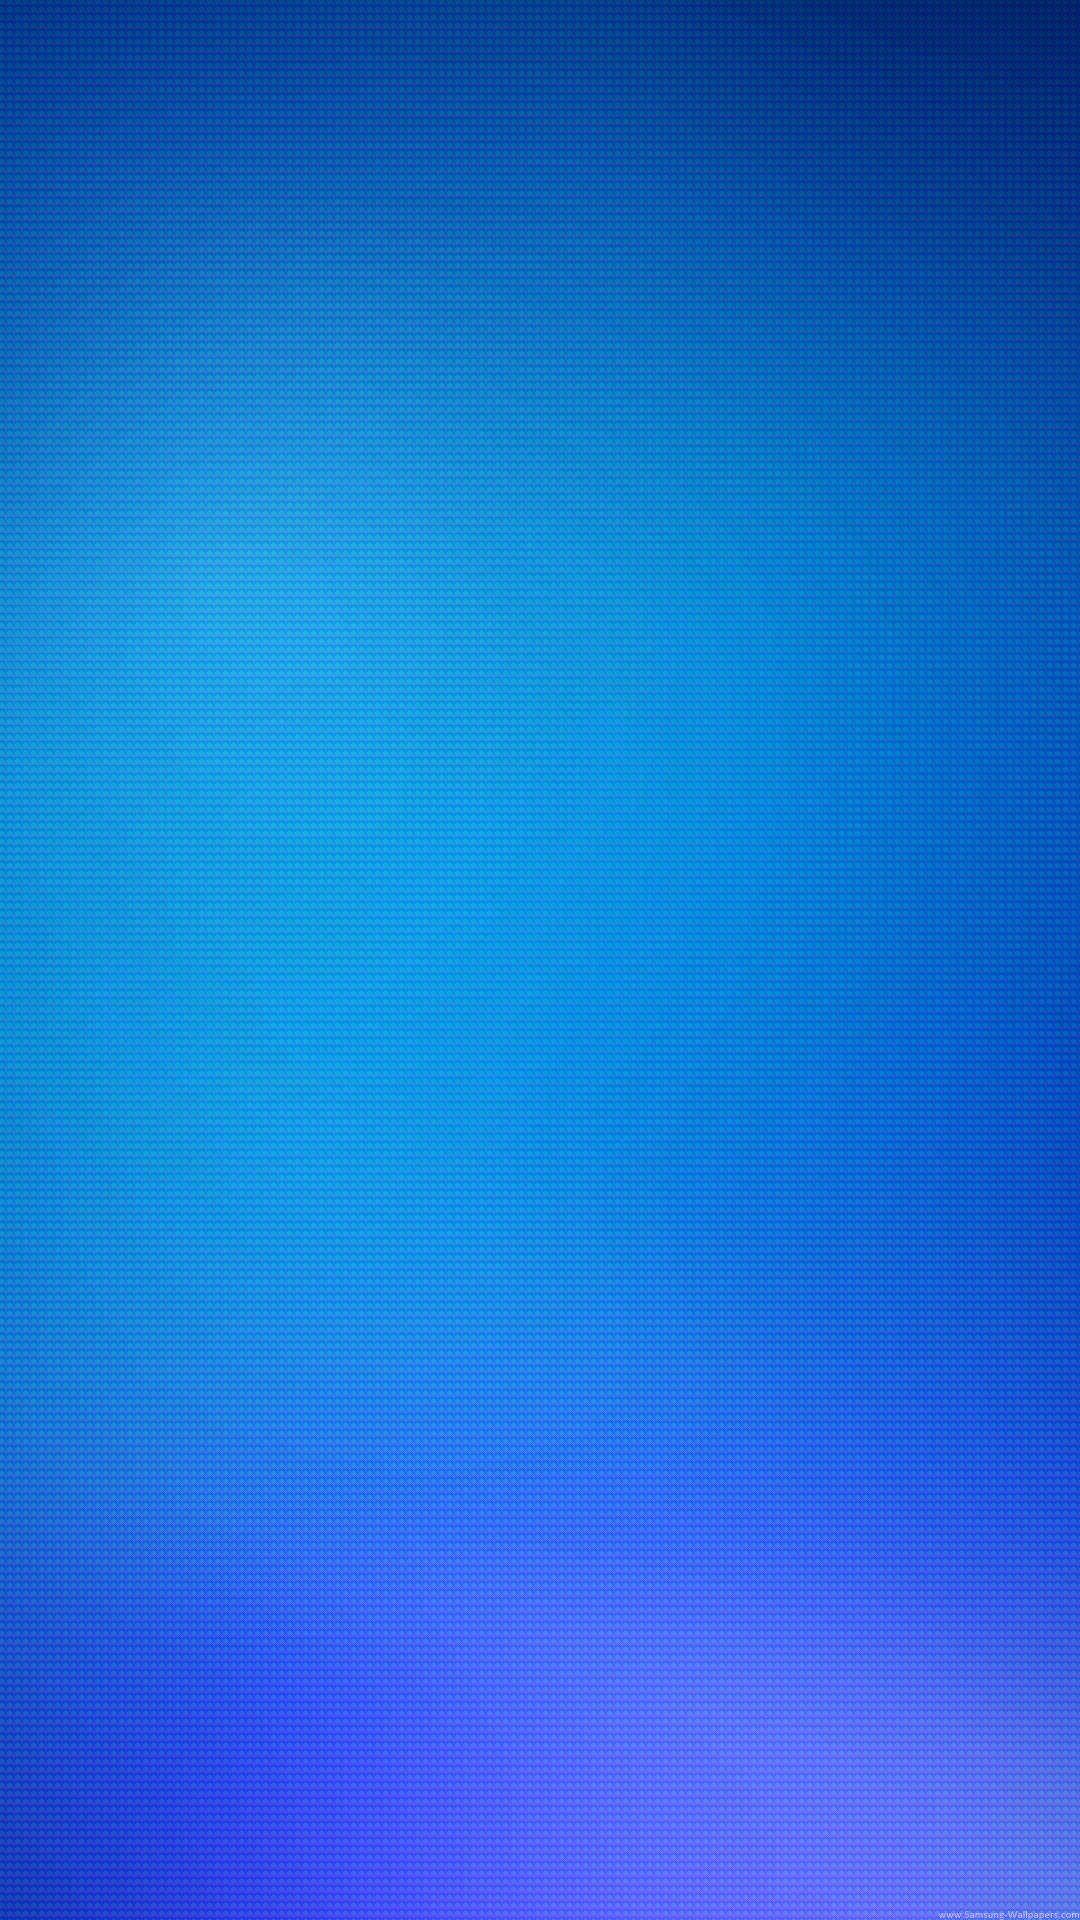 綺麗な青のグラデーション iPhone6 Plus壁紙 - WallpaperBox